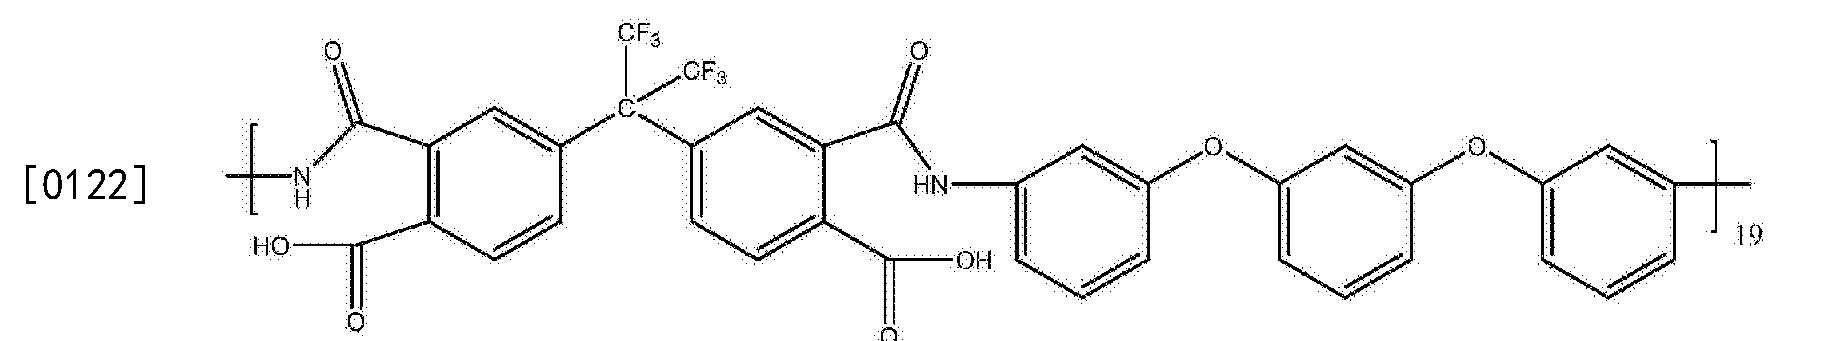 Figure CN104829837BD00173